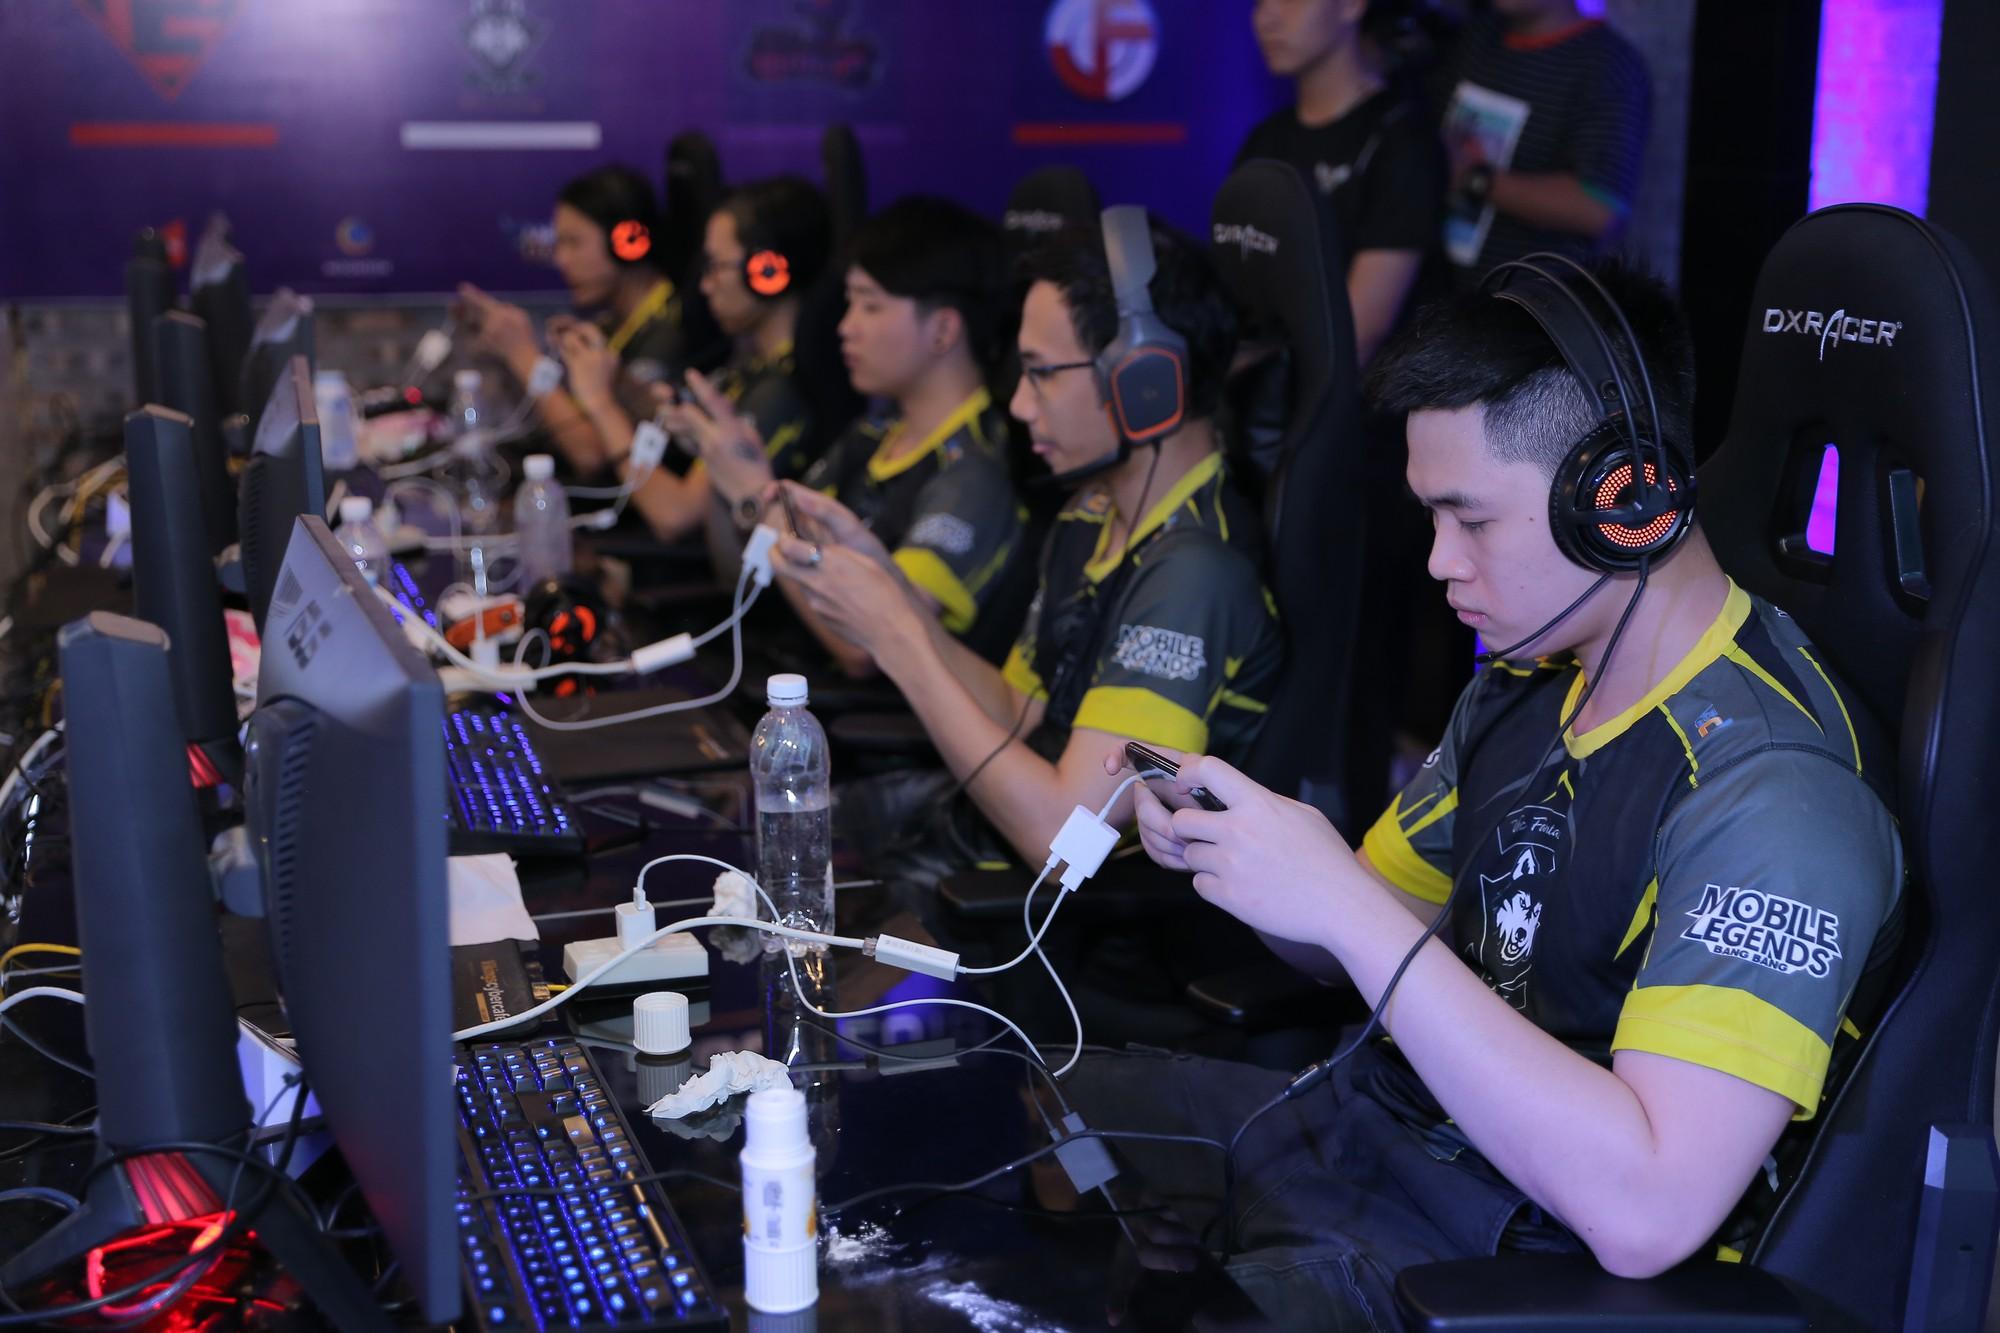 """Game thủ không còn là những """"đứa trẻ hư hỏng"""": Có một thế hệ như OverClockerSđang làm rạng danh nền eSports Việt Nam - Ảnh 2."""